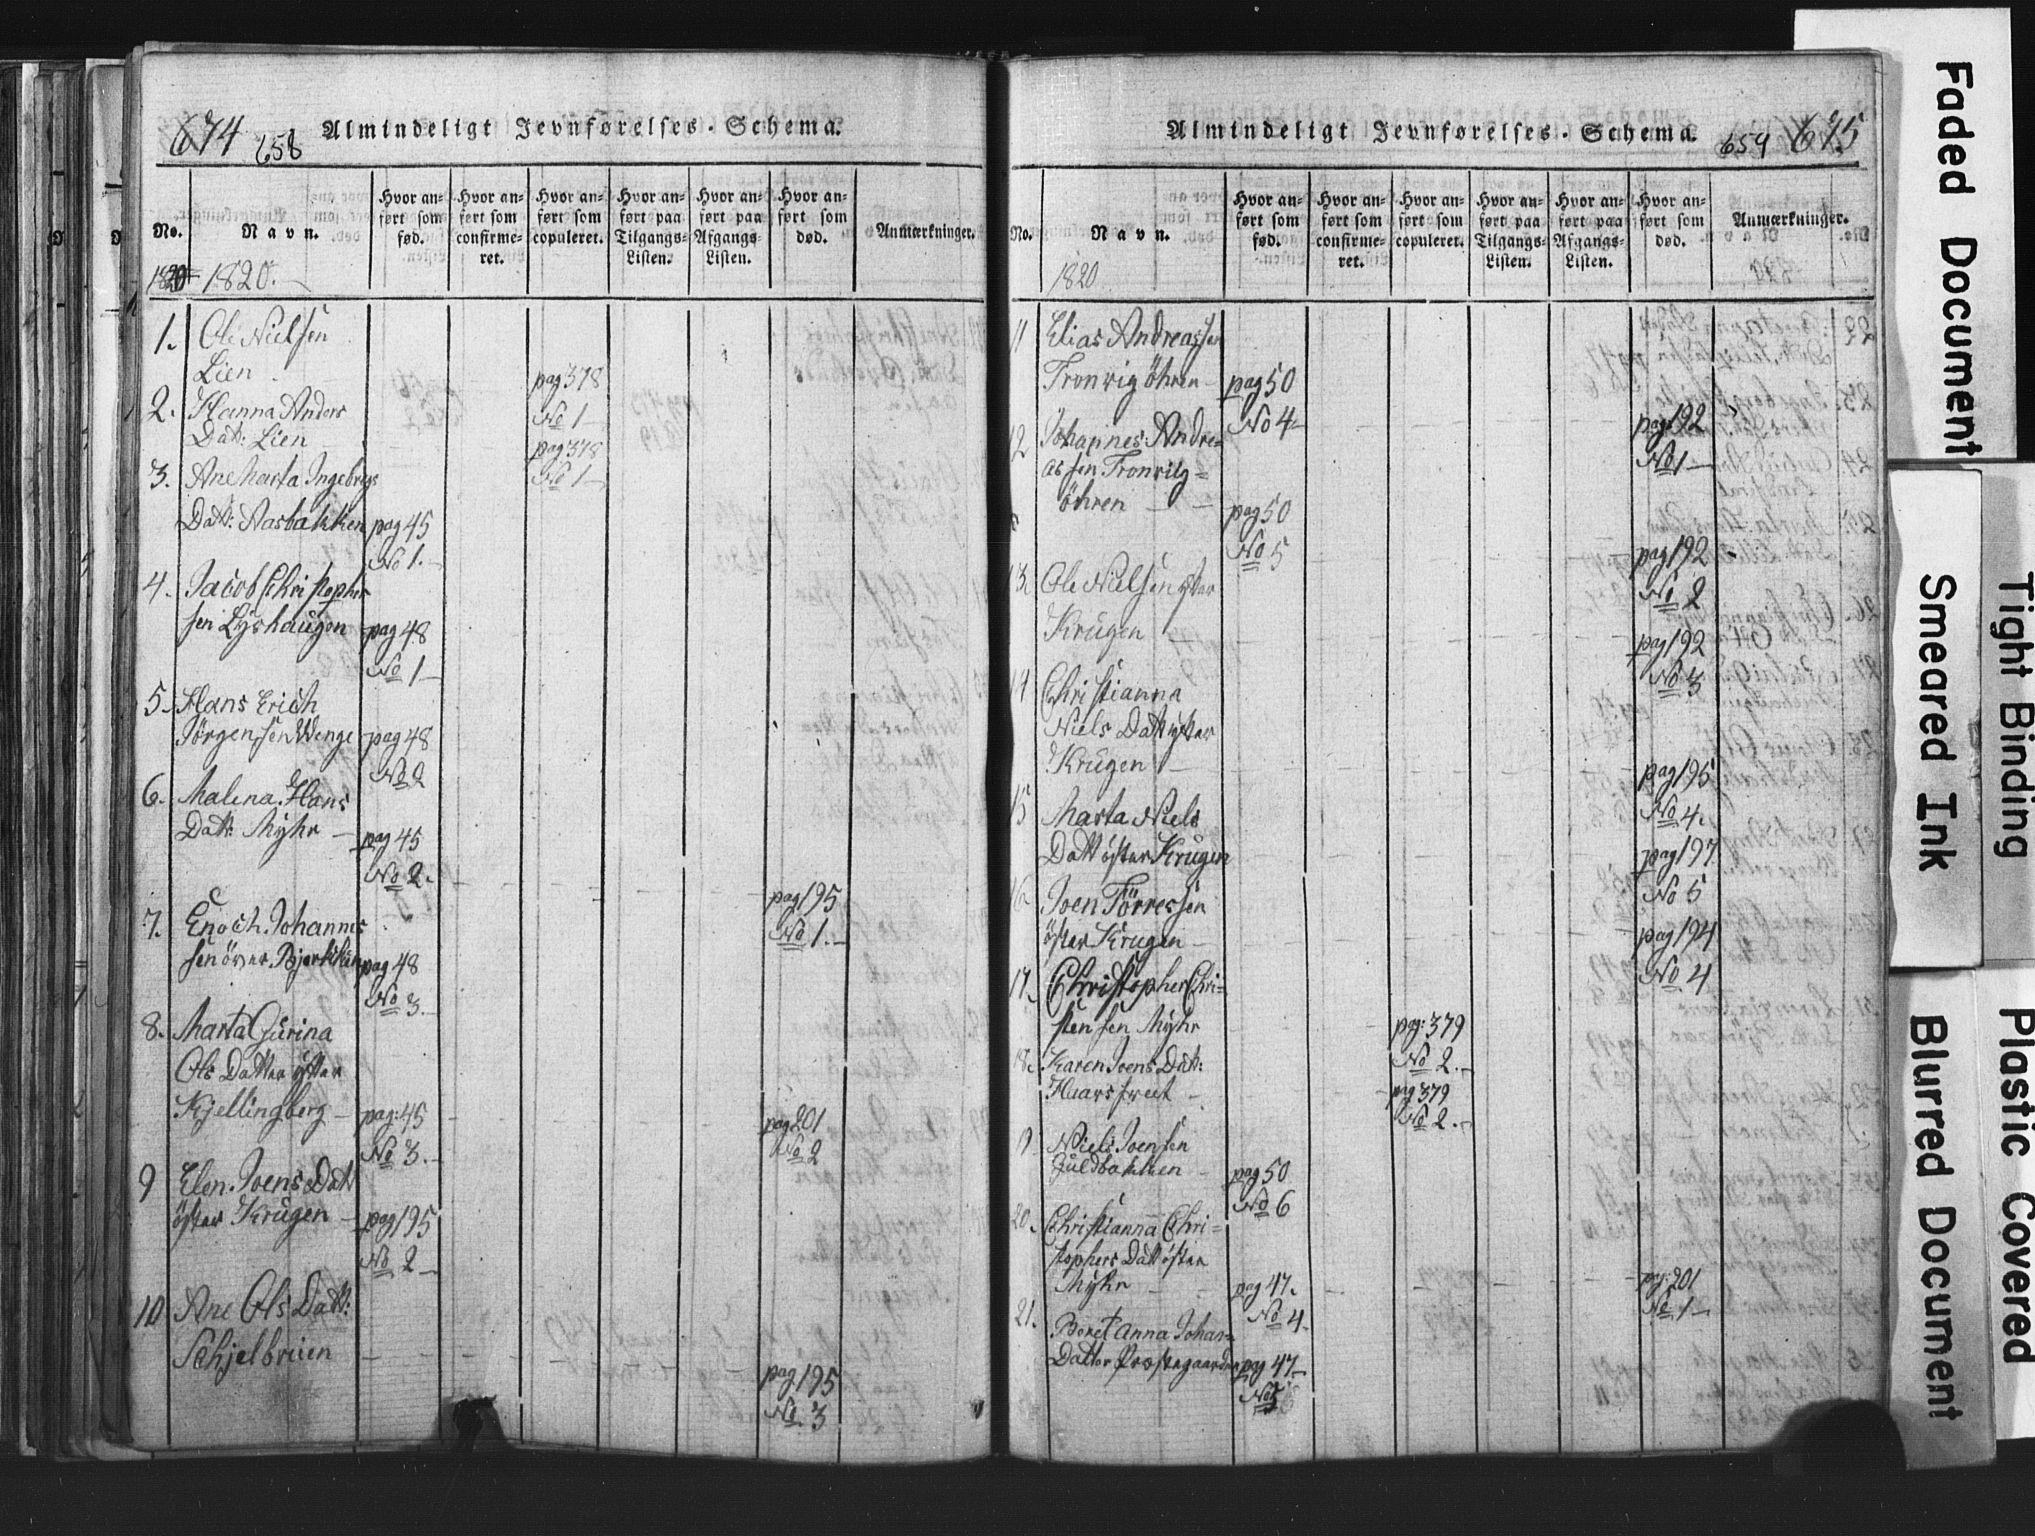 SAT, Ministerialprotokoller, klokkerbøker og fødselsregistre - Nord-Trøndelag, 701/L0017: Klokkerbok nr. 701C01, 1817-1825, s. 658-659